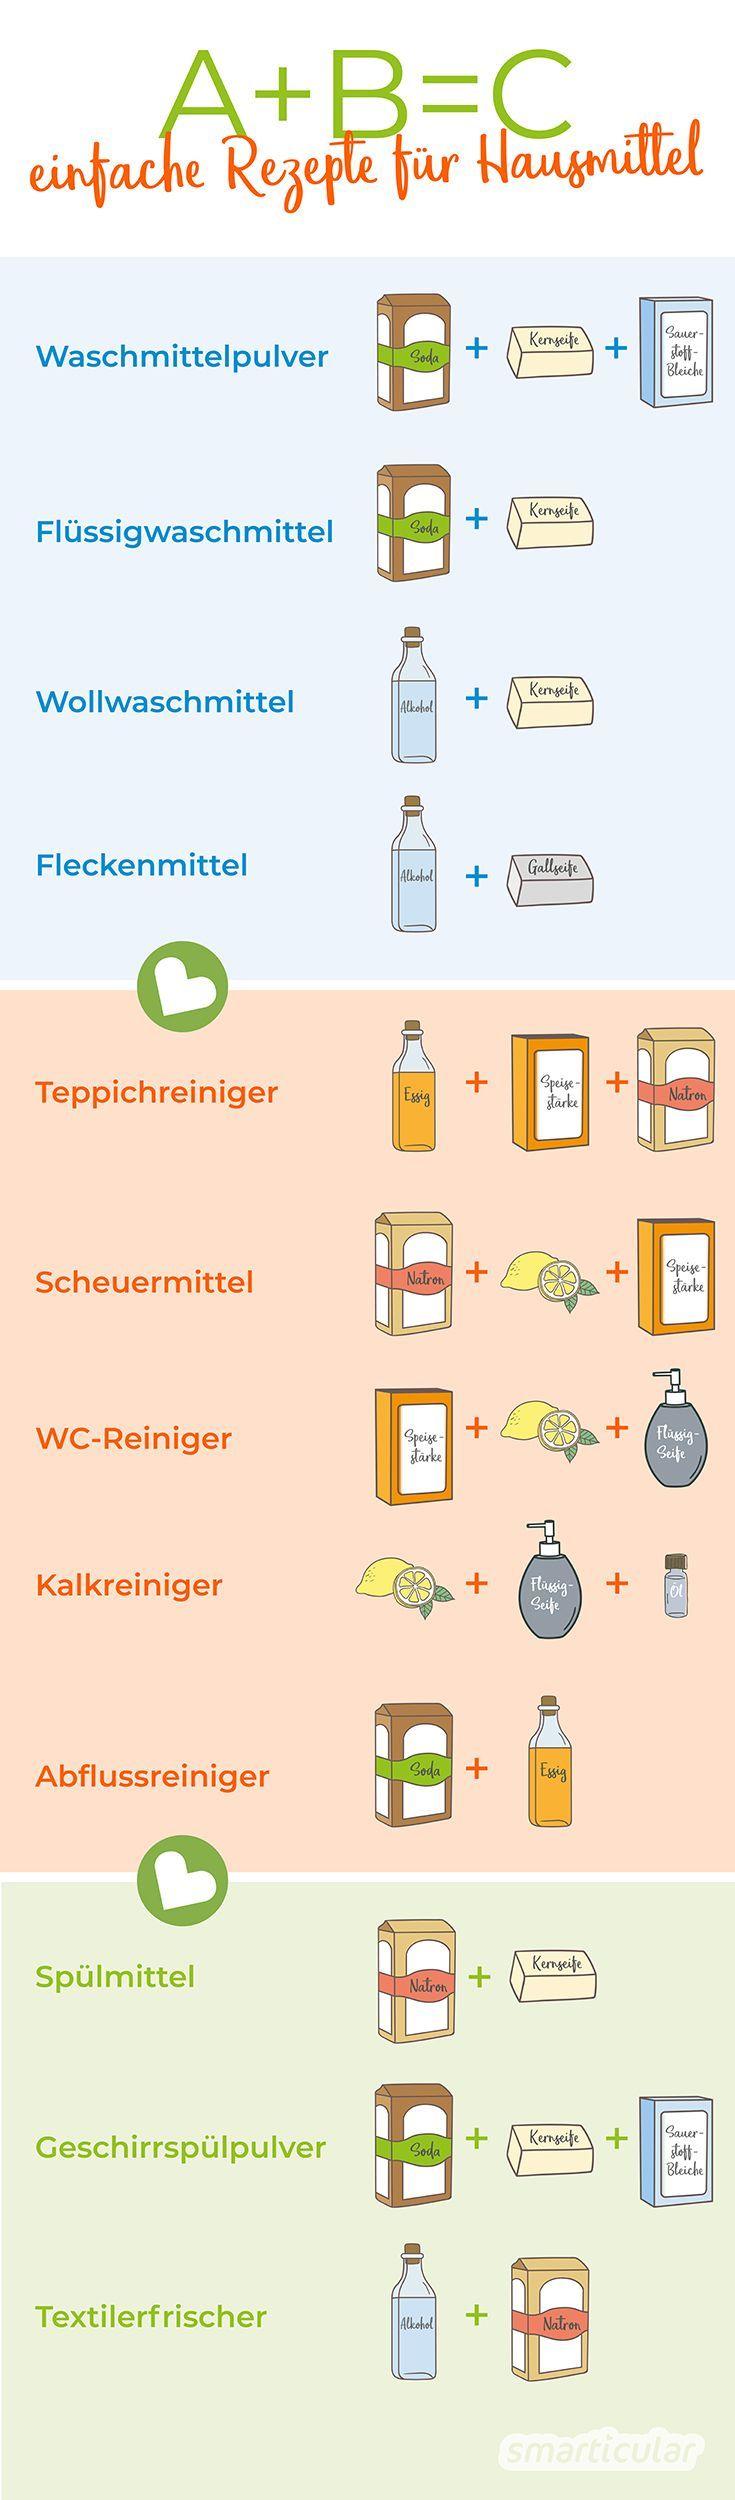 A B C Hausmittel Rezepte Zum Naturlichen Reinigen Waschen Putzen Hausmittelrezepte Naturlichen P Hausmittel Naturliche Reinigungsmittel Waschmittel